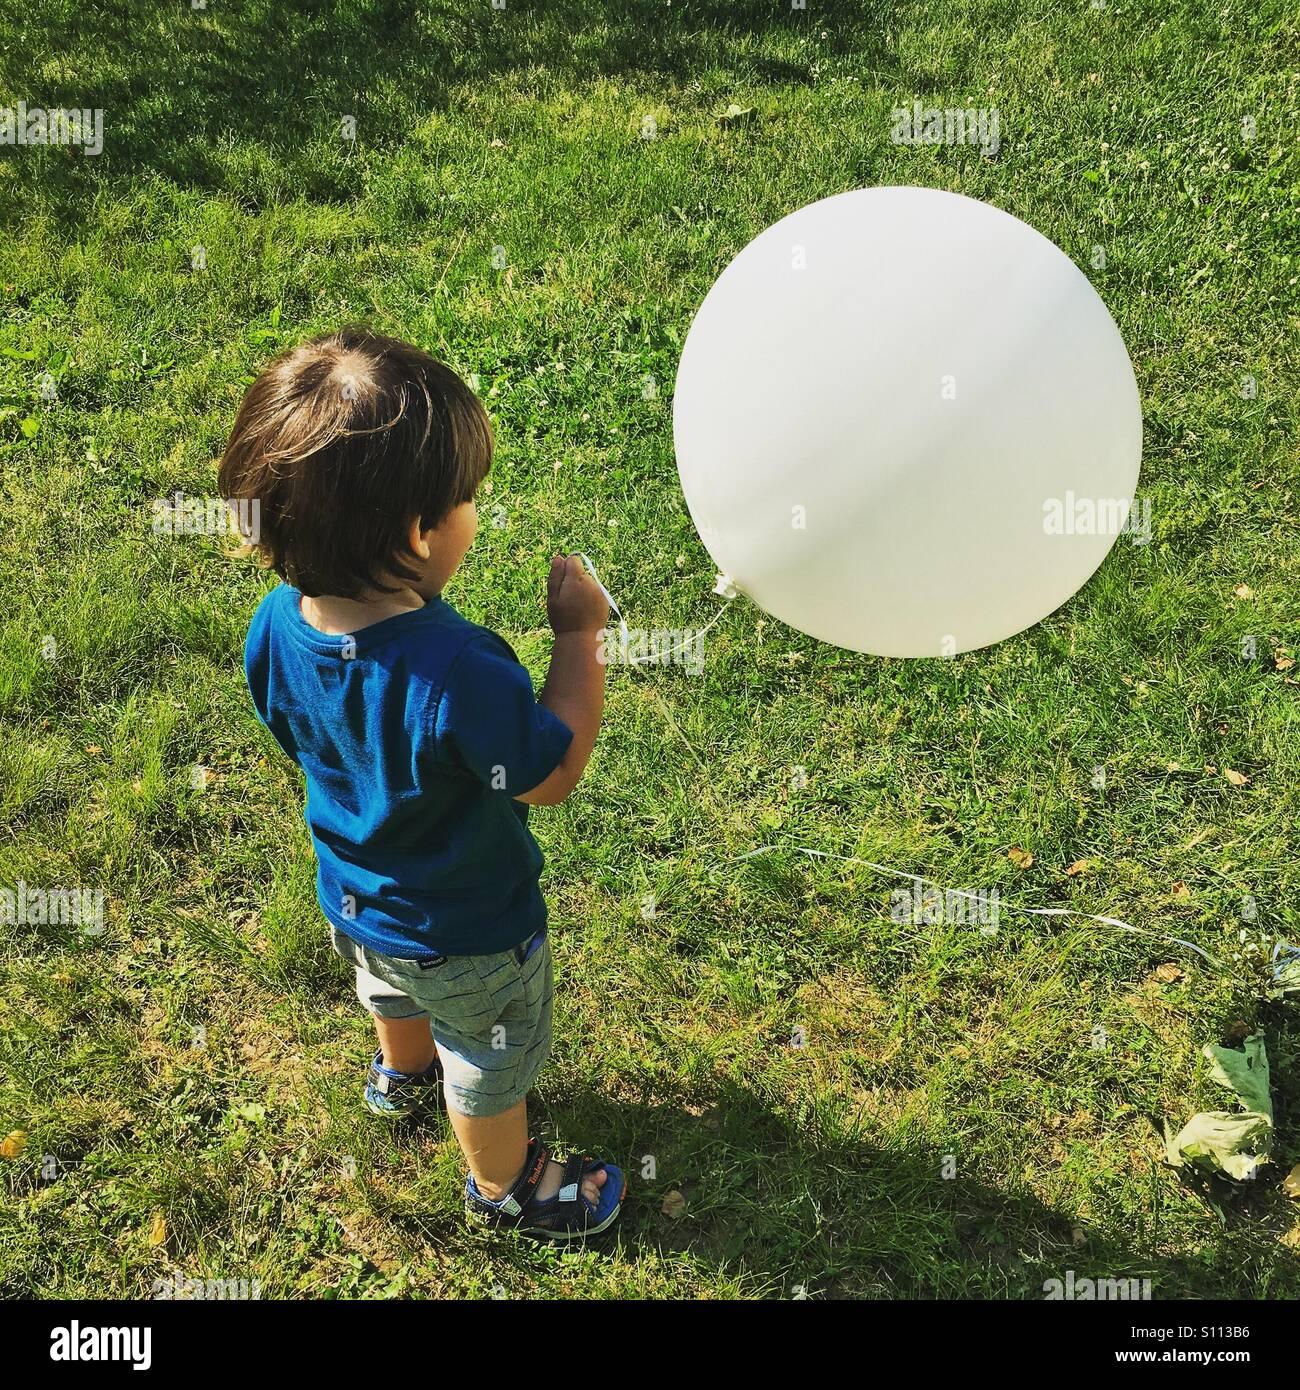 Big white balloon - Stock Image